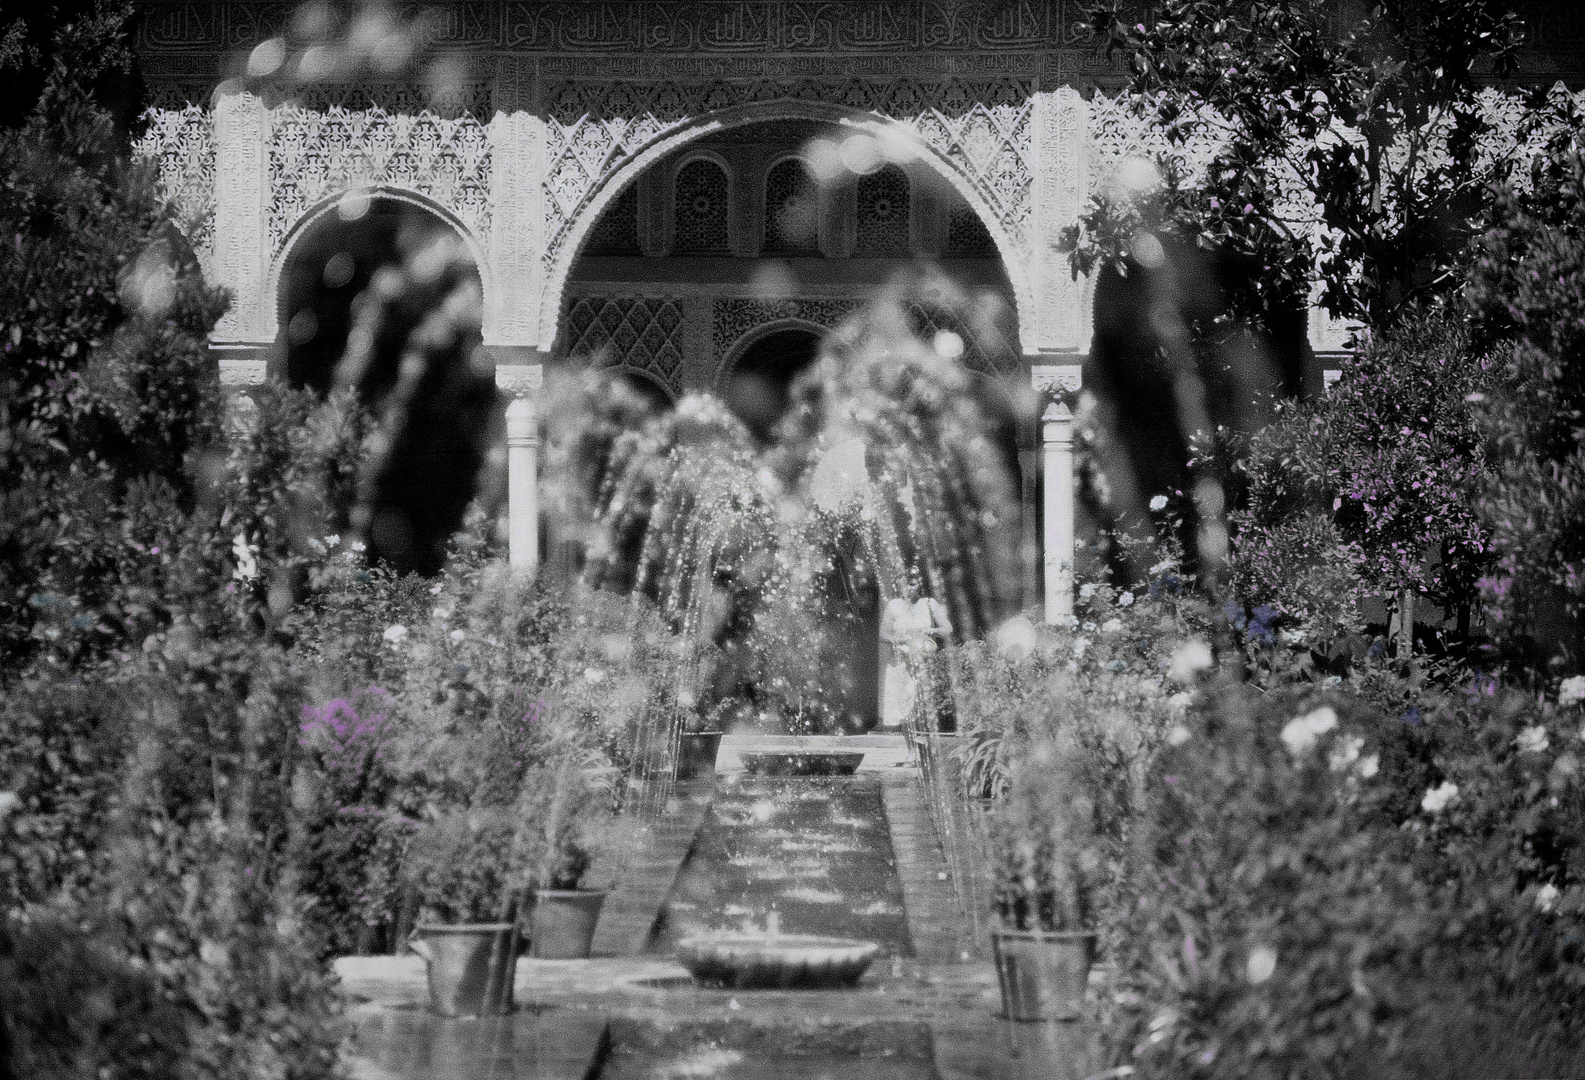 Alhambra 1980